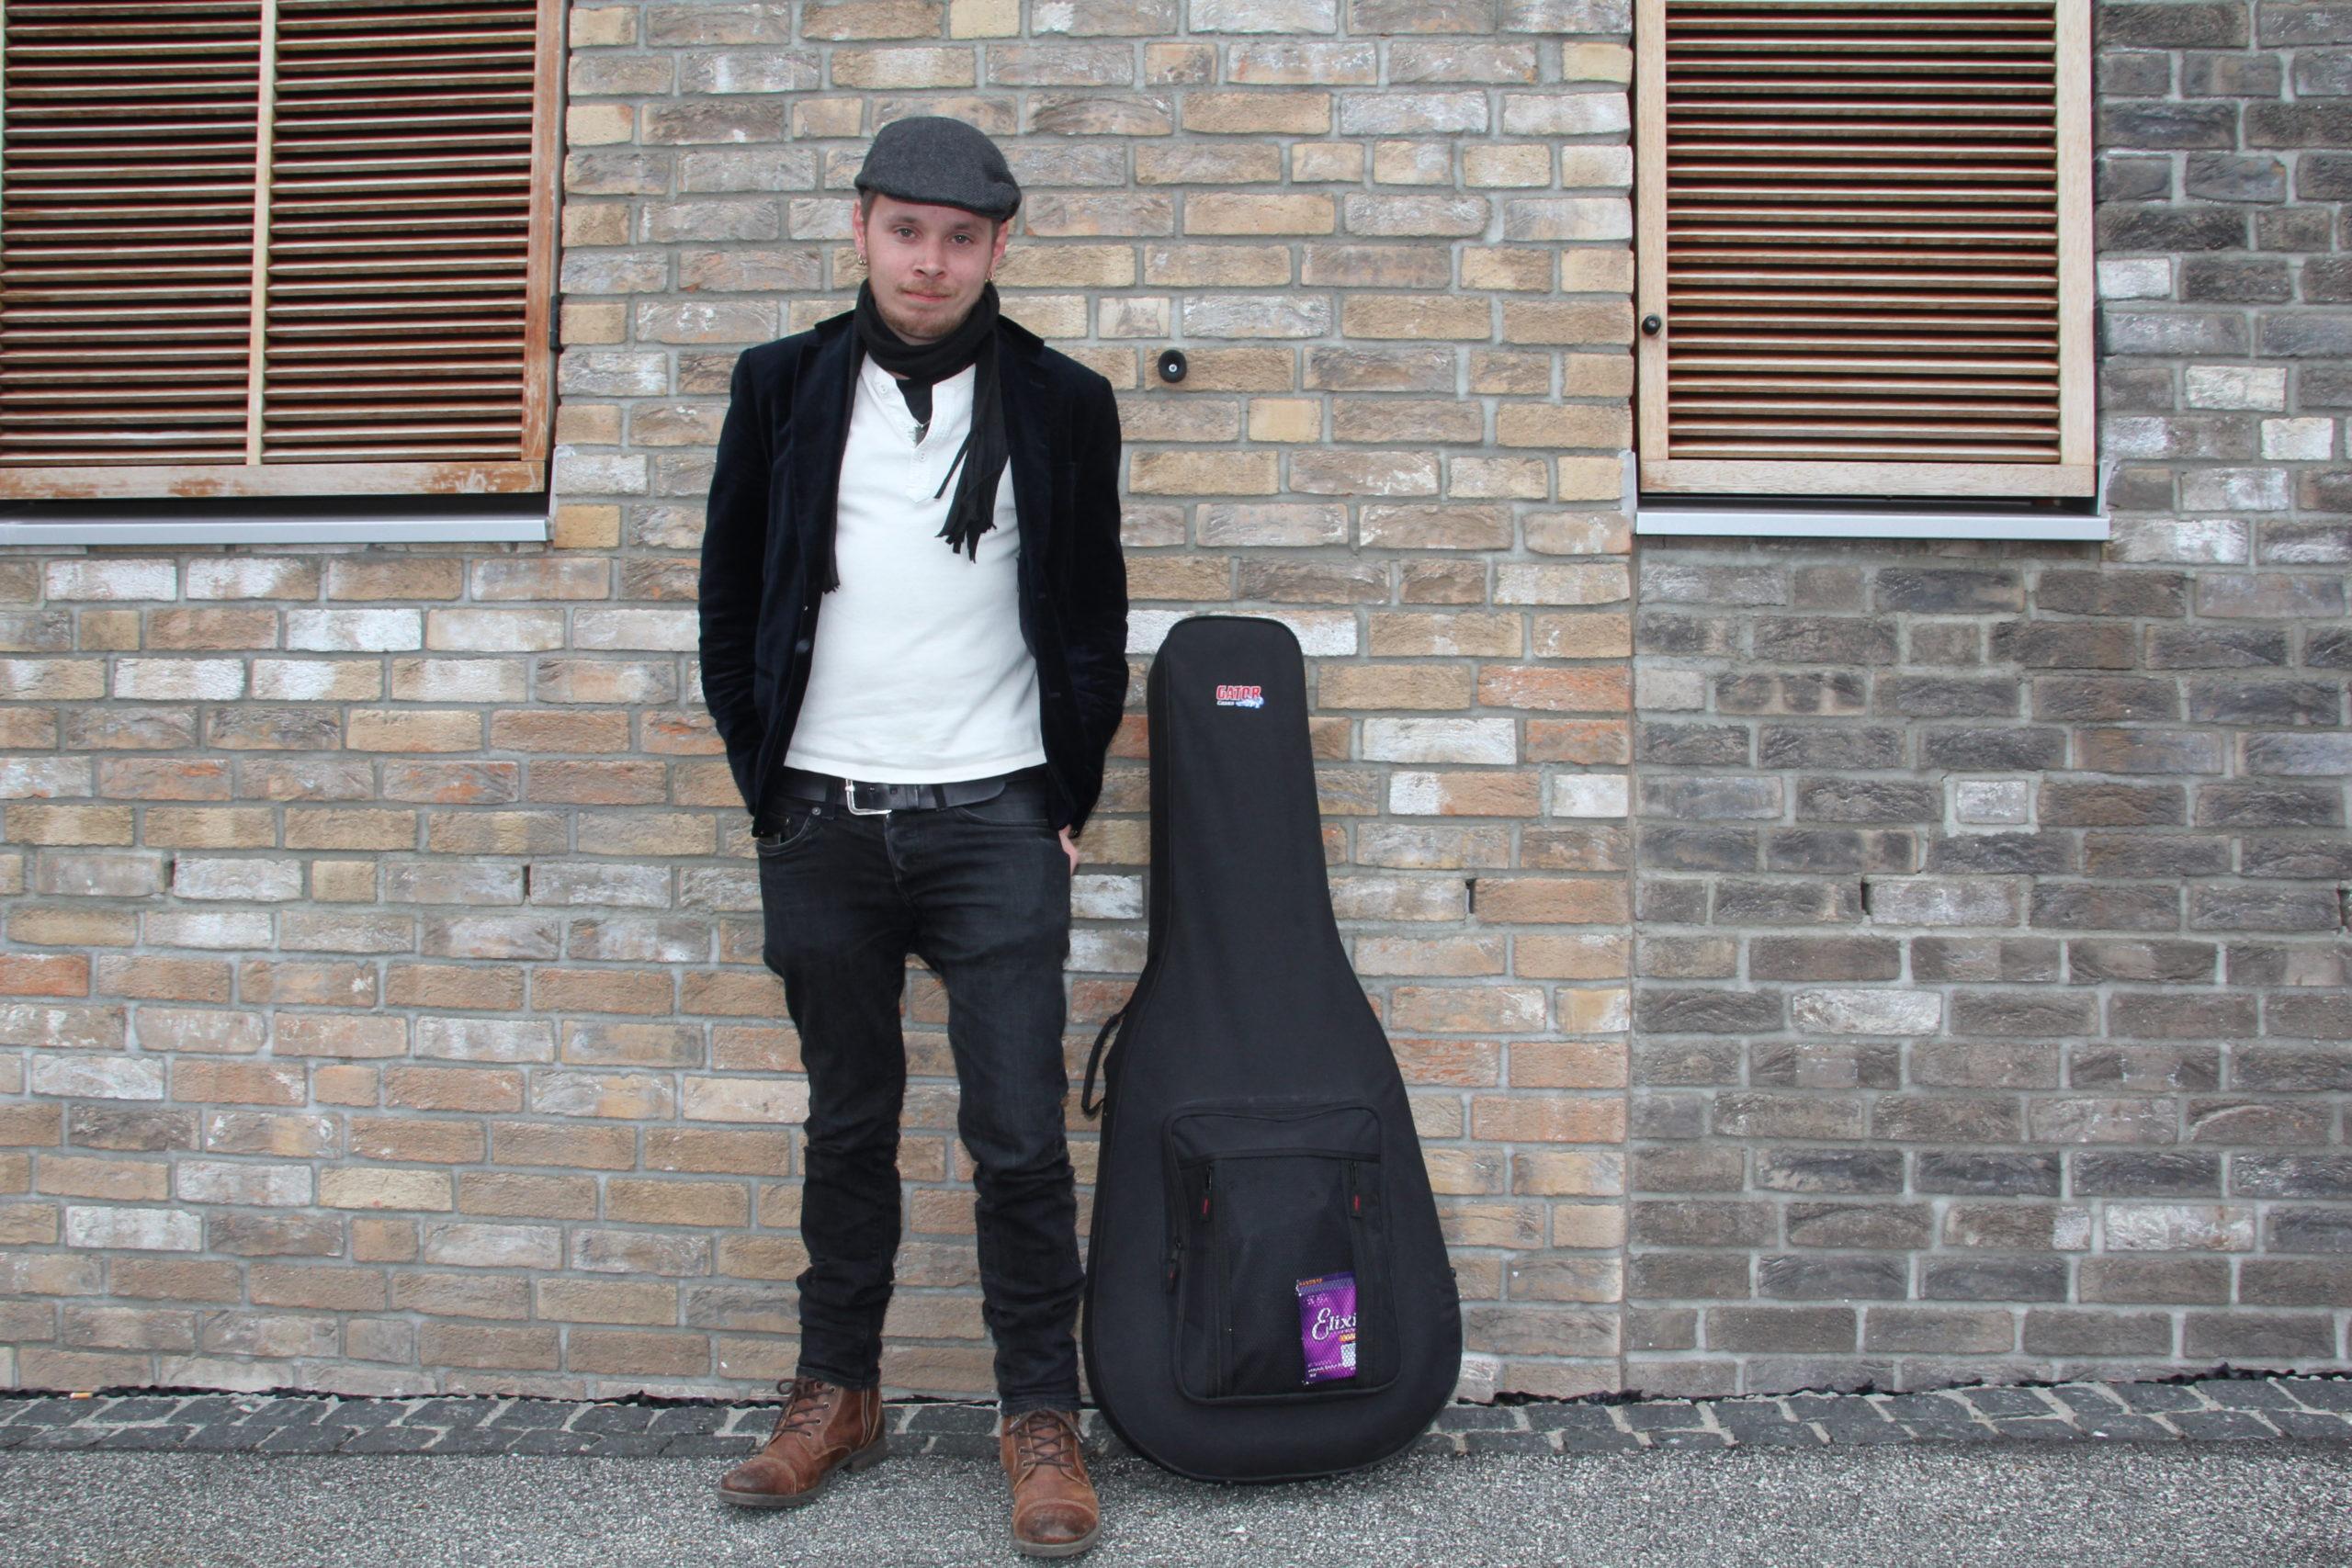 Der norwegische Musiker Depui kommt auf Einladung der Kulturmanufaktur Halberstadt e.V. ins papermoon